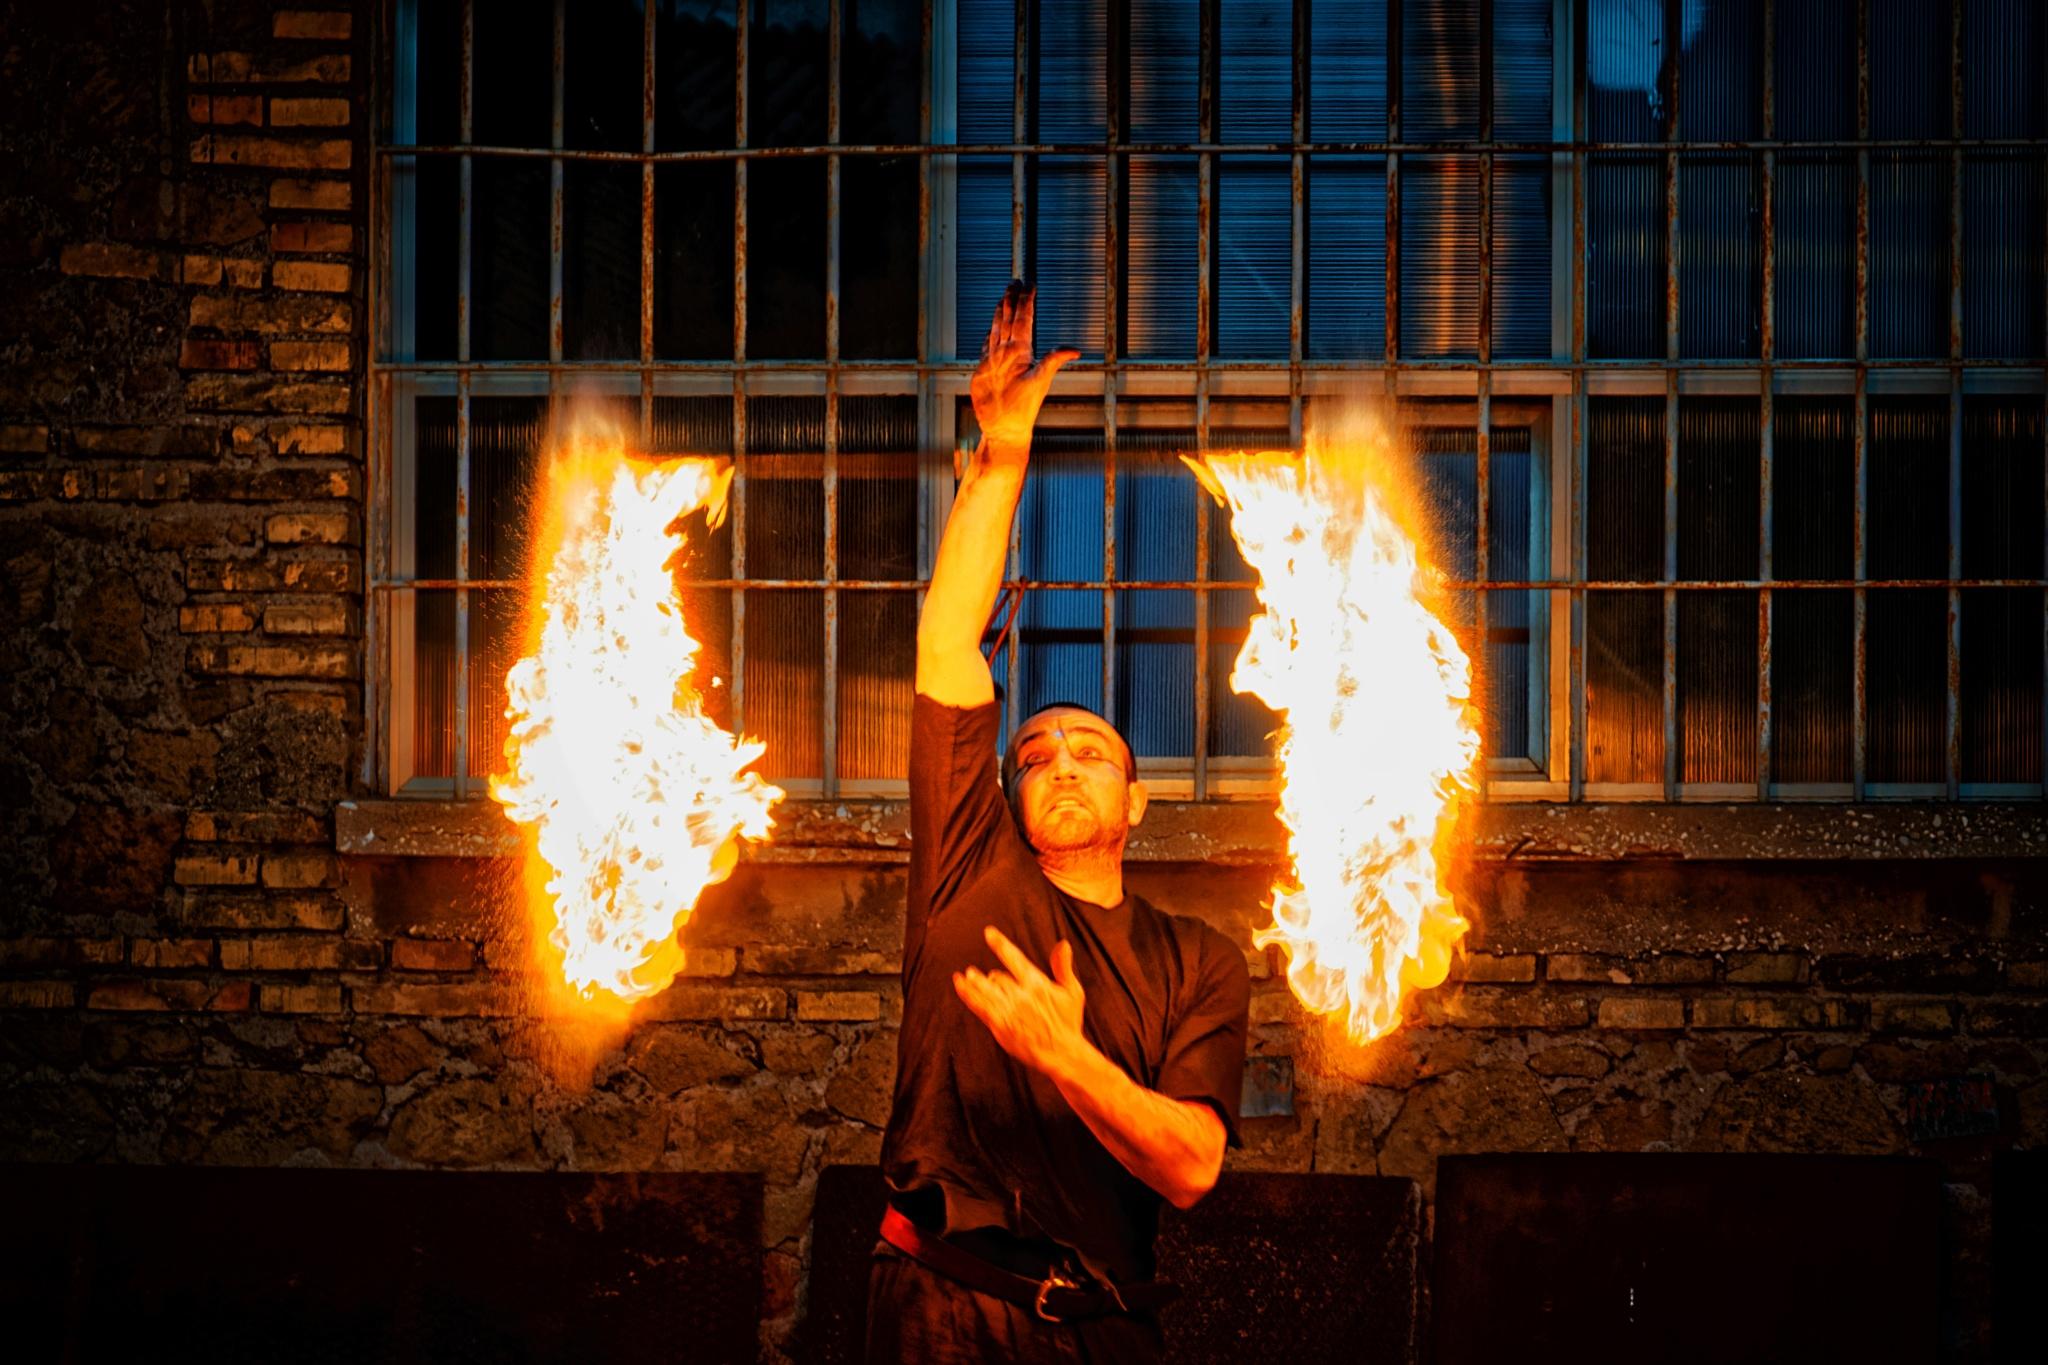 Lucignolo Fire Session 3 by Roberto Scordino